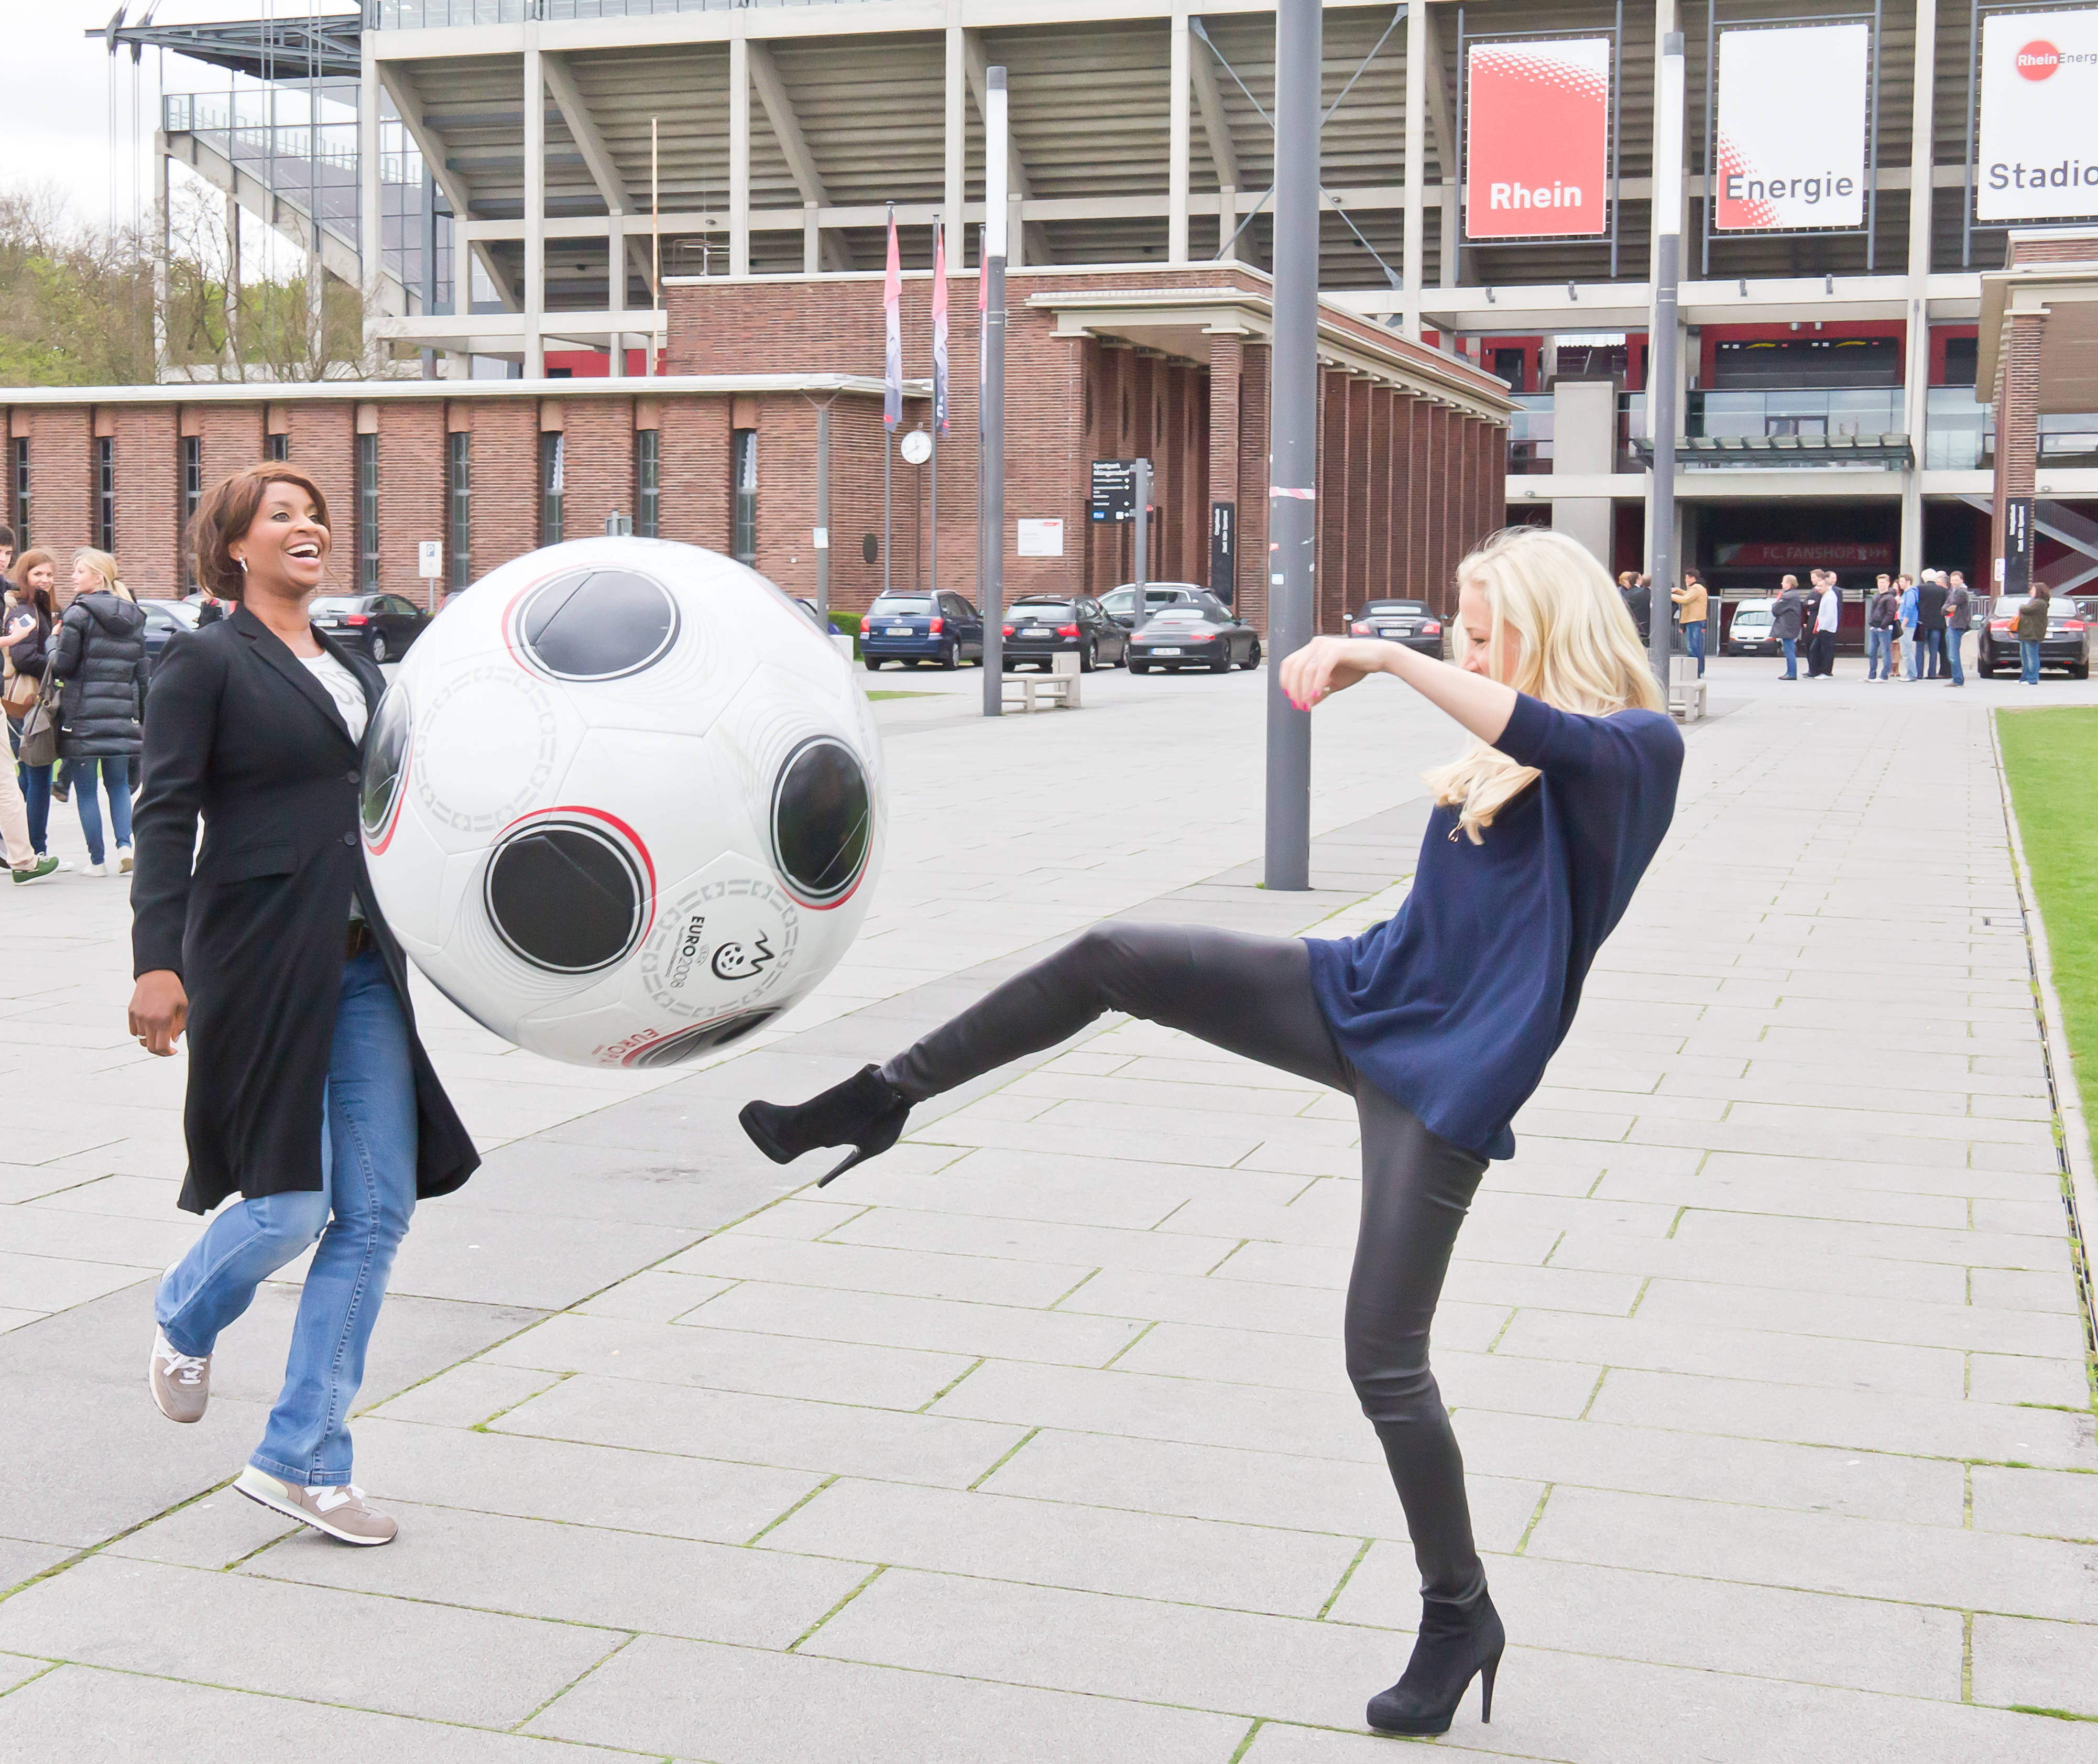 File:Janine Kunze und Liz Baffoe - Ernennung zu Sportbotschafterinnen-1186 .jpg